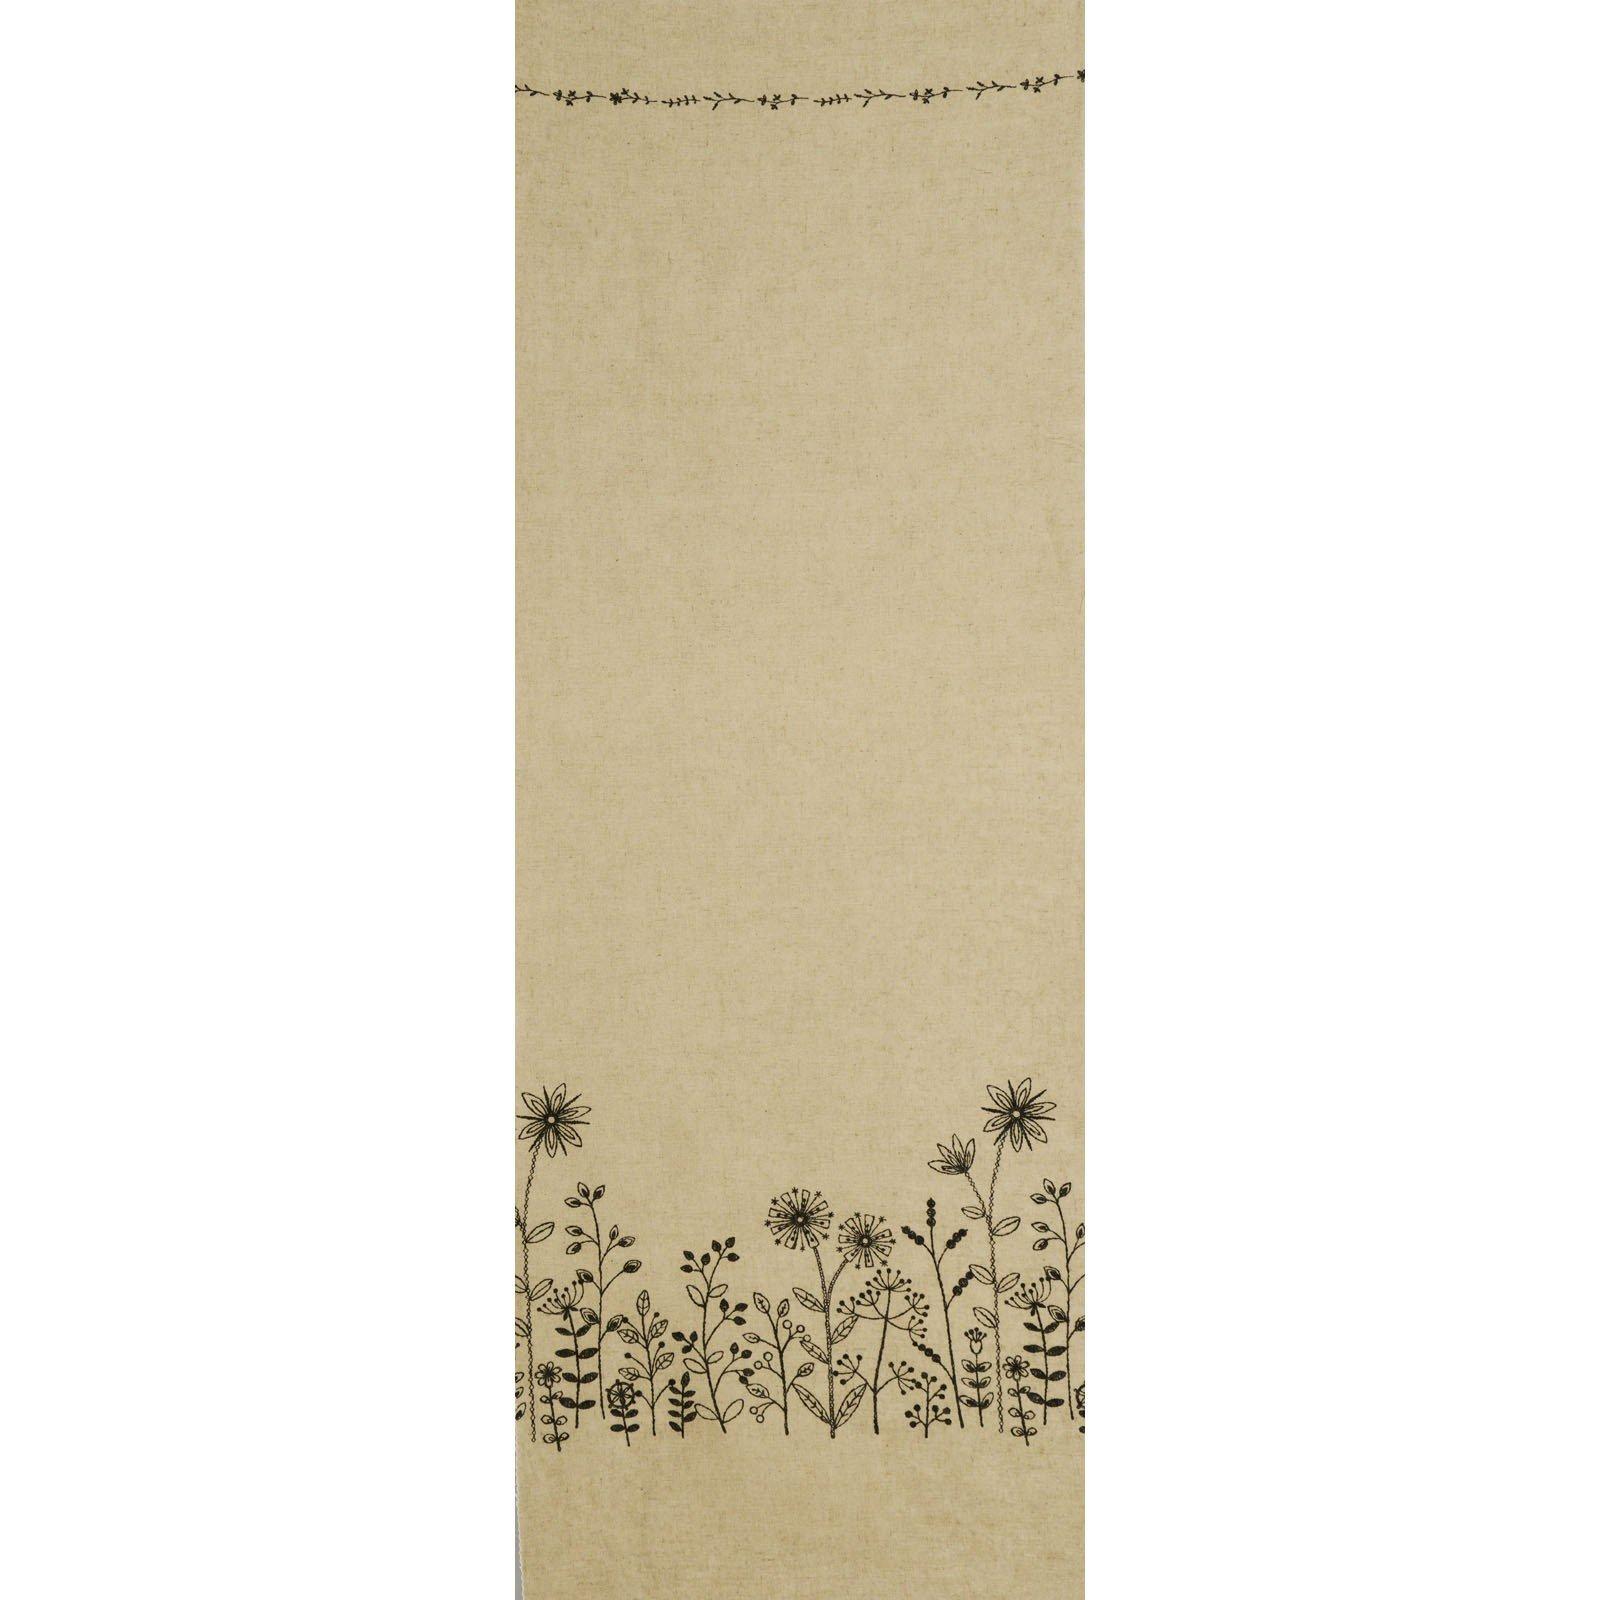 Etoffe Imprevue Beige Linen/Cotton<br/>Lecian 31700-10